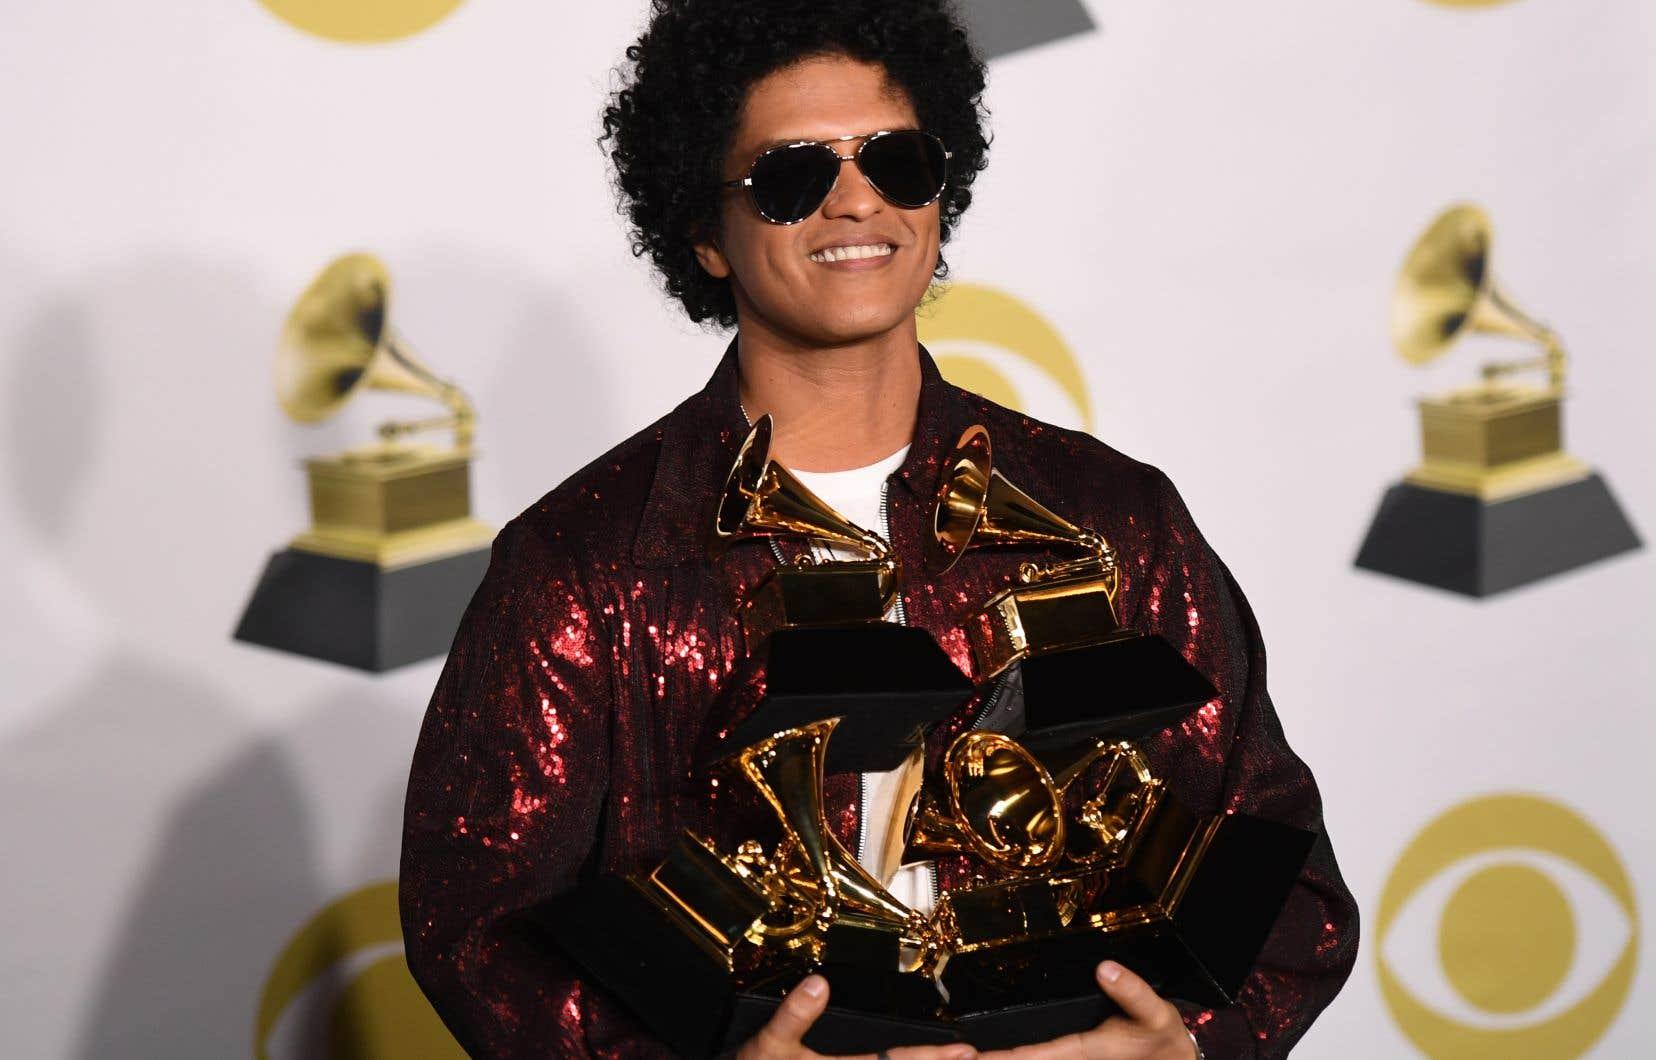 Le chanteur américain Bruno Mars a récolté trois des quatre trophées majeurs de la cérémonie des Grammy Awards à New York.